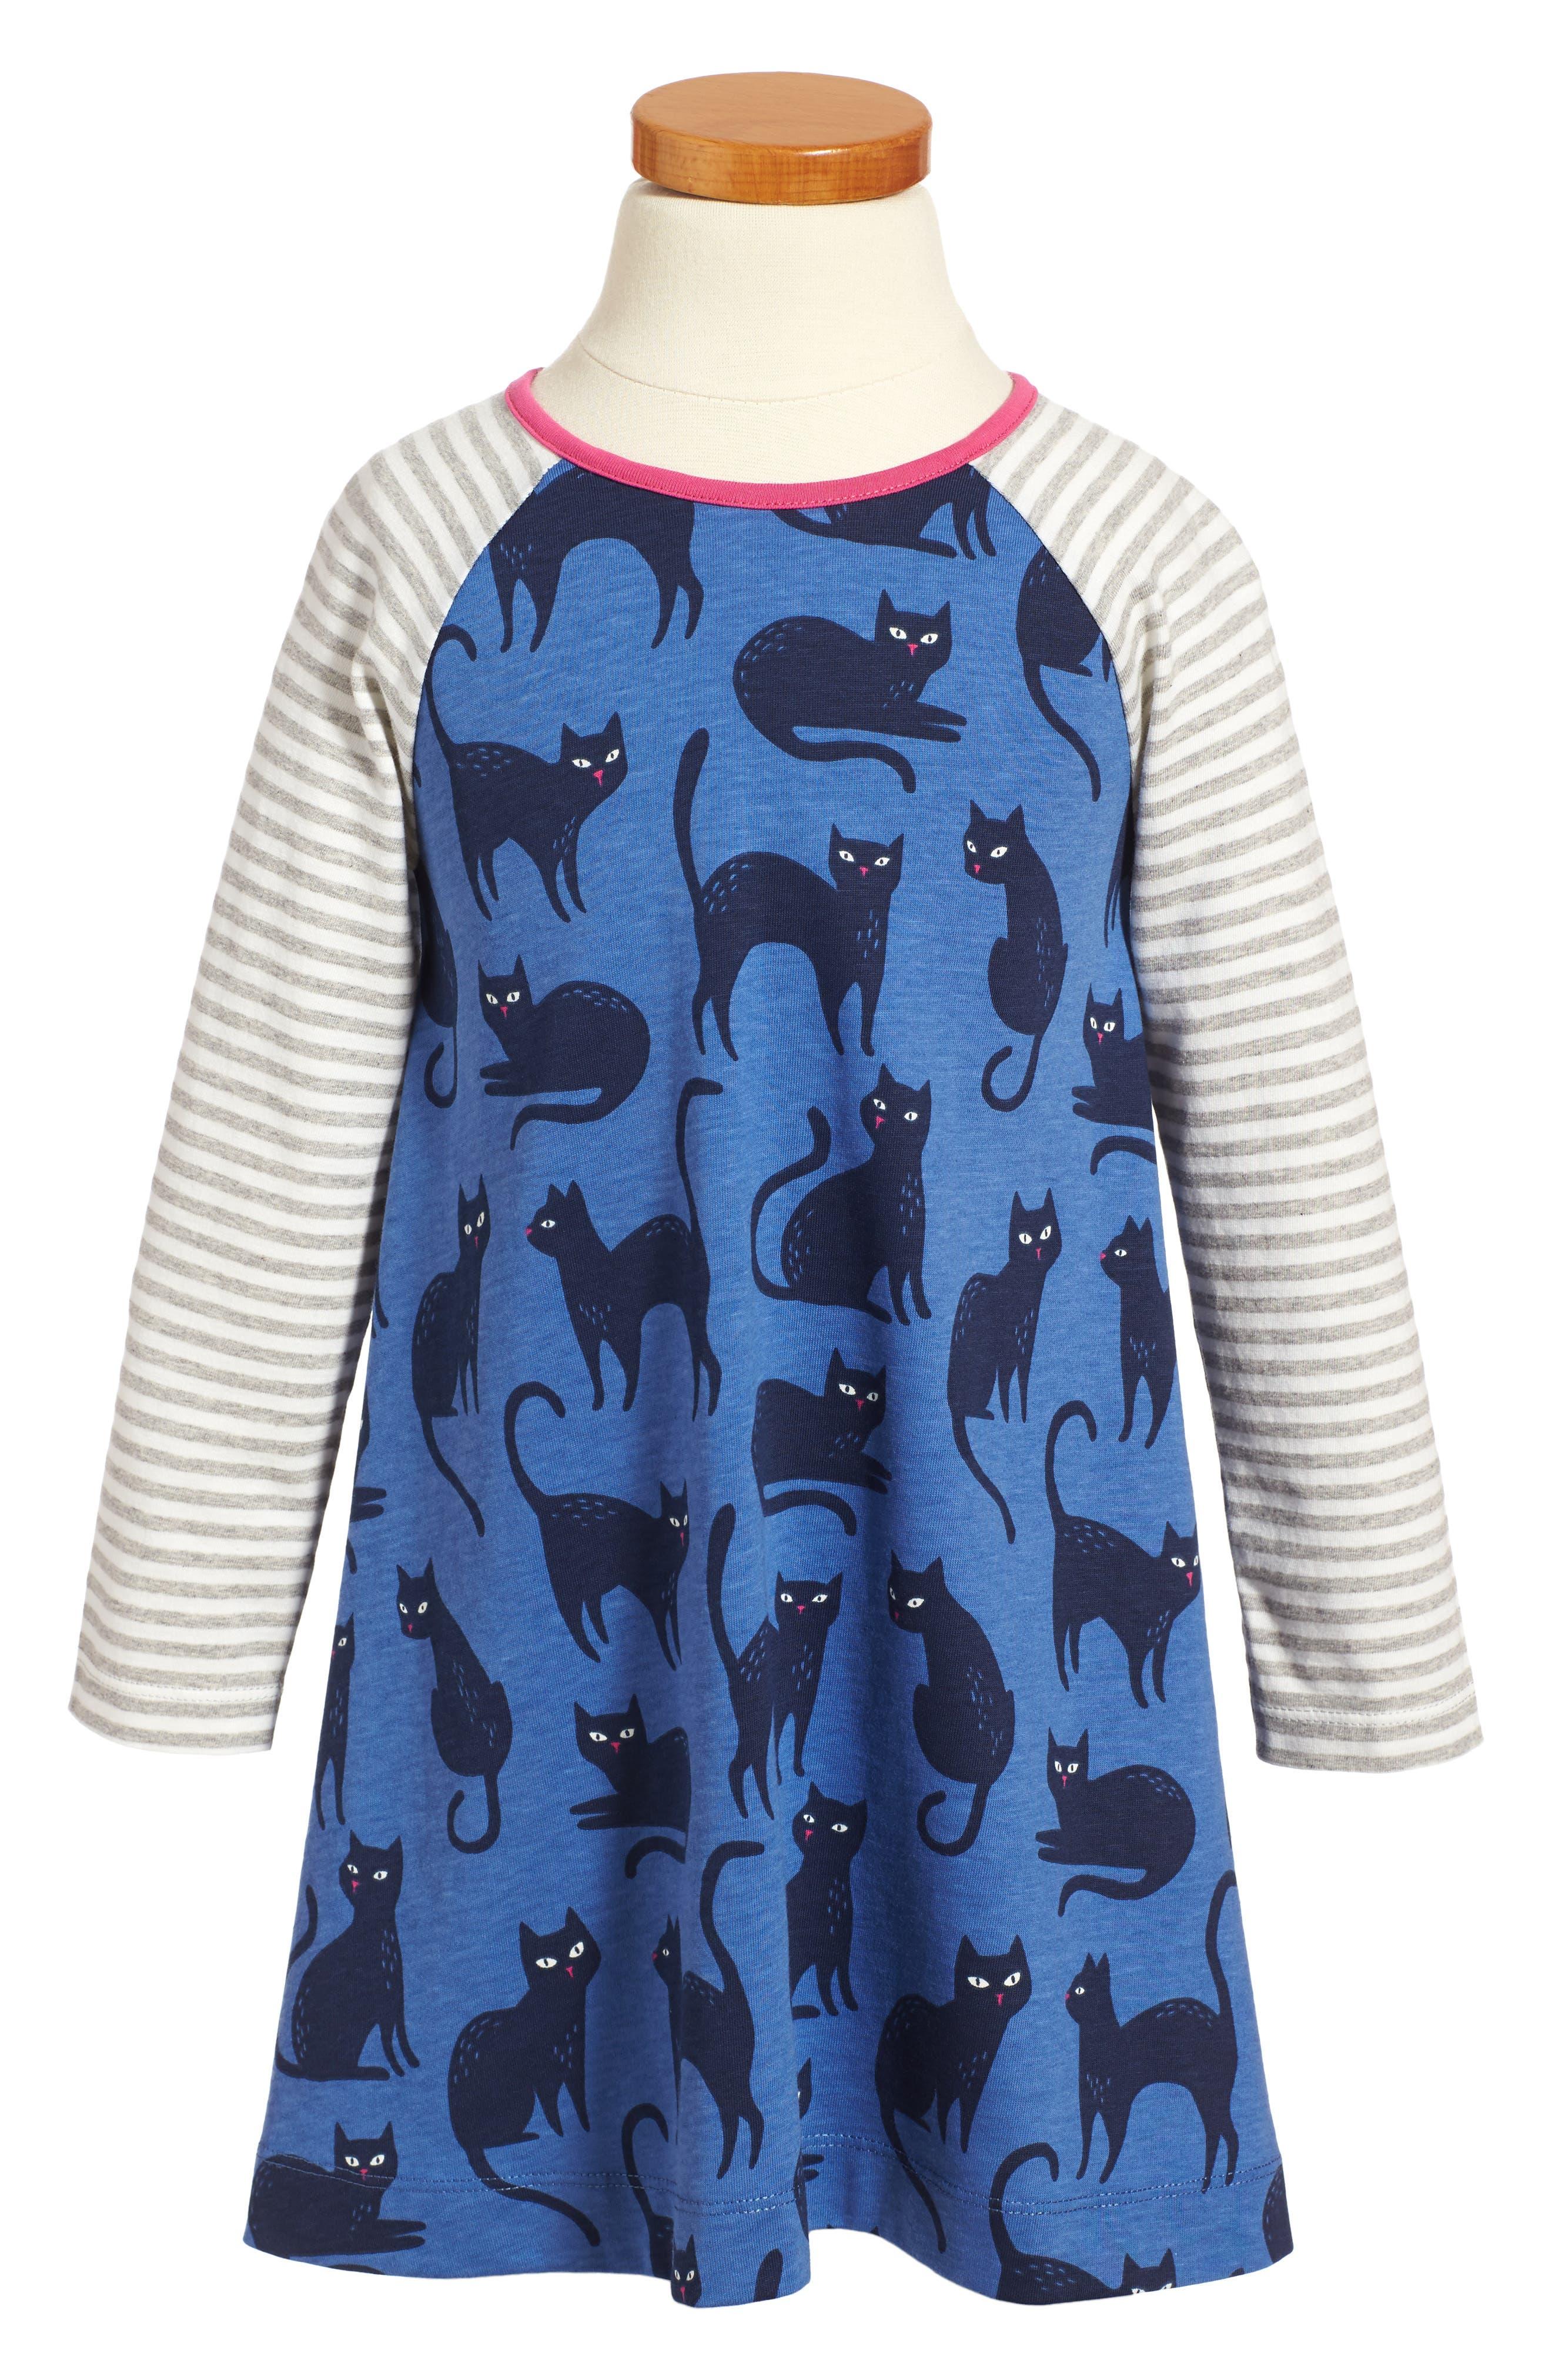 Cat Glow in the Dark Dress,                         Main,                         color, 404